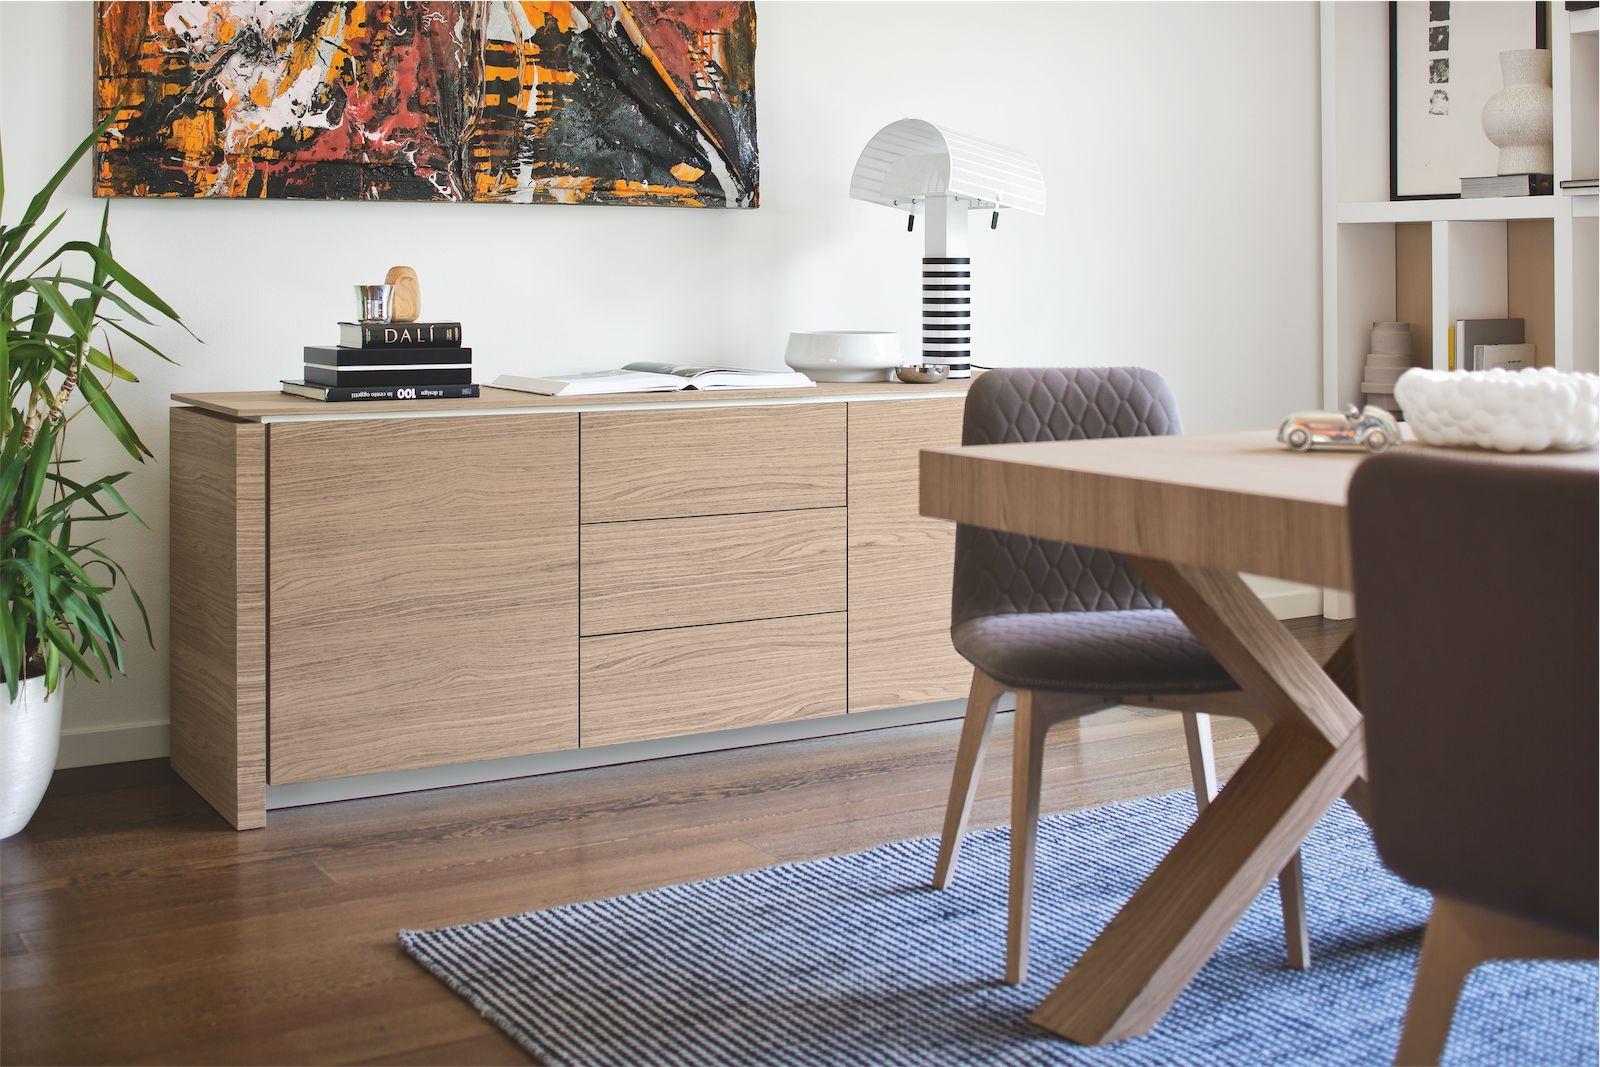 Tavolo omnia calligaris idee per la casa e l 39 interior for Tavolo airport calligaris